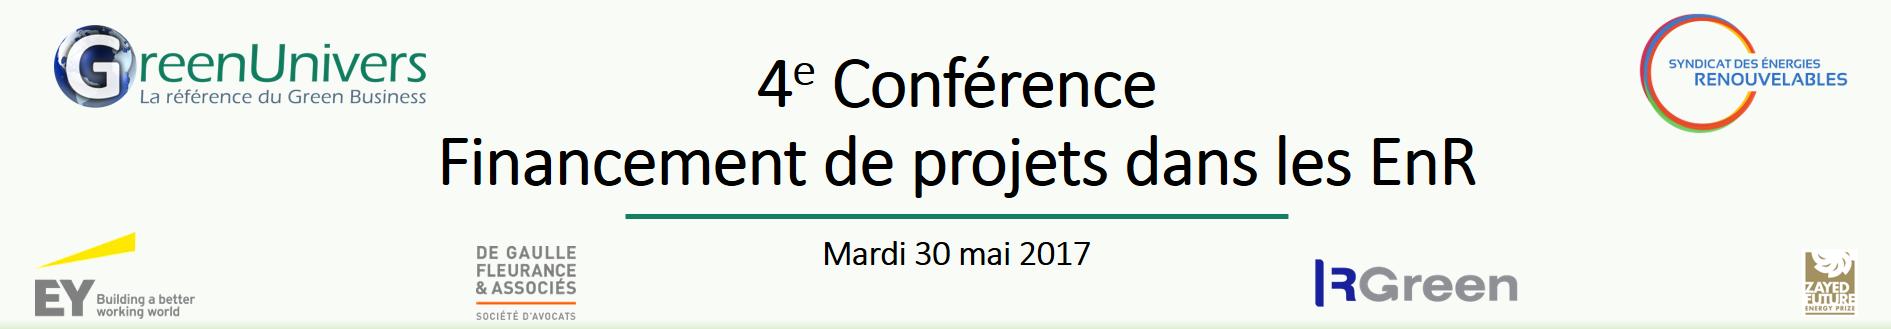 4e conférence GreenUnivers - SER Financement de projets EnR : la loi du marché